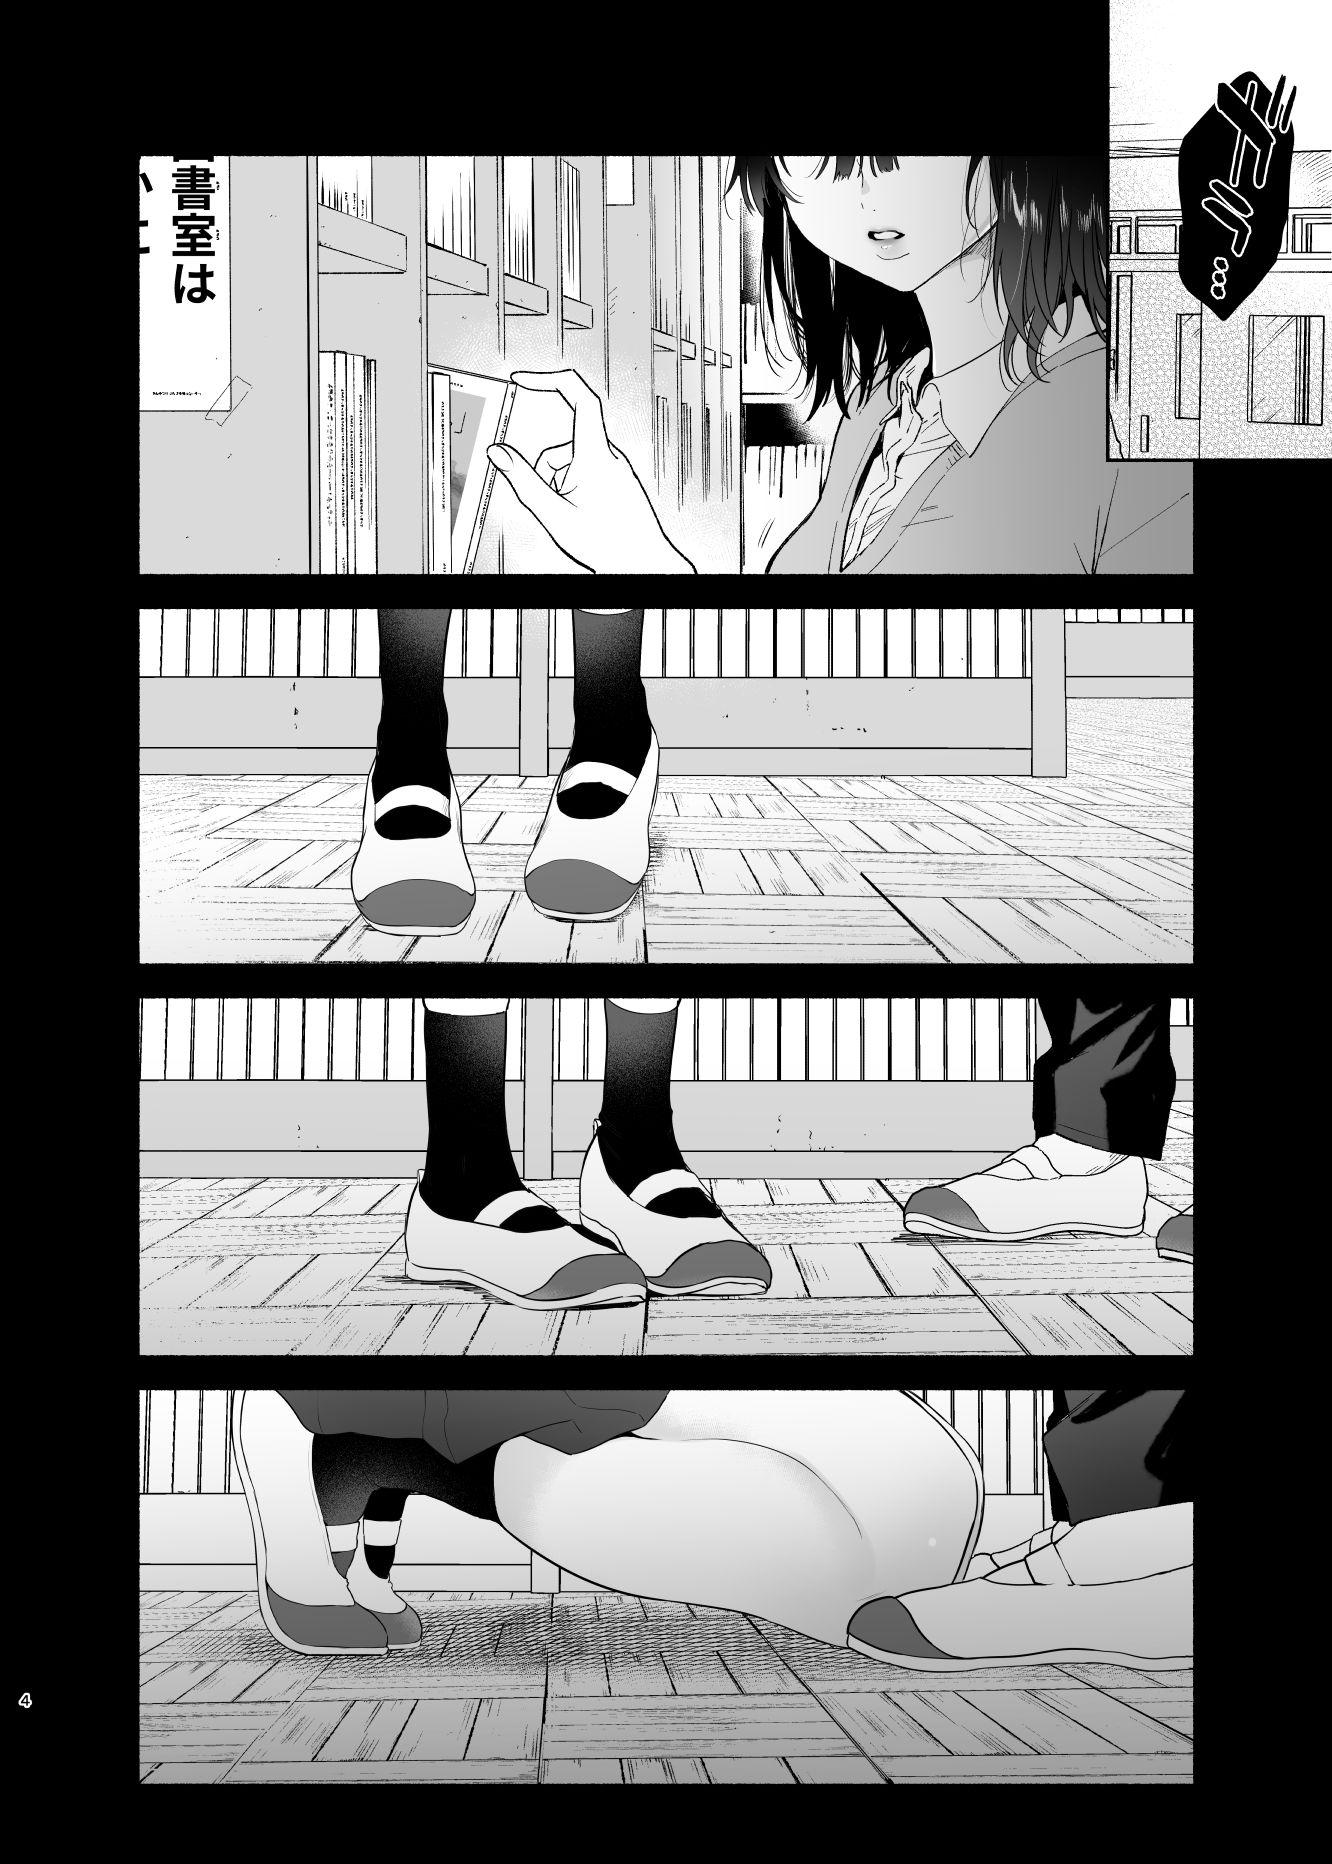 【エロ漫画無料大全集】無口な図書委員さんとセックス漬けの日々を送る背徳感がたまらない…